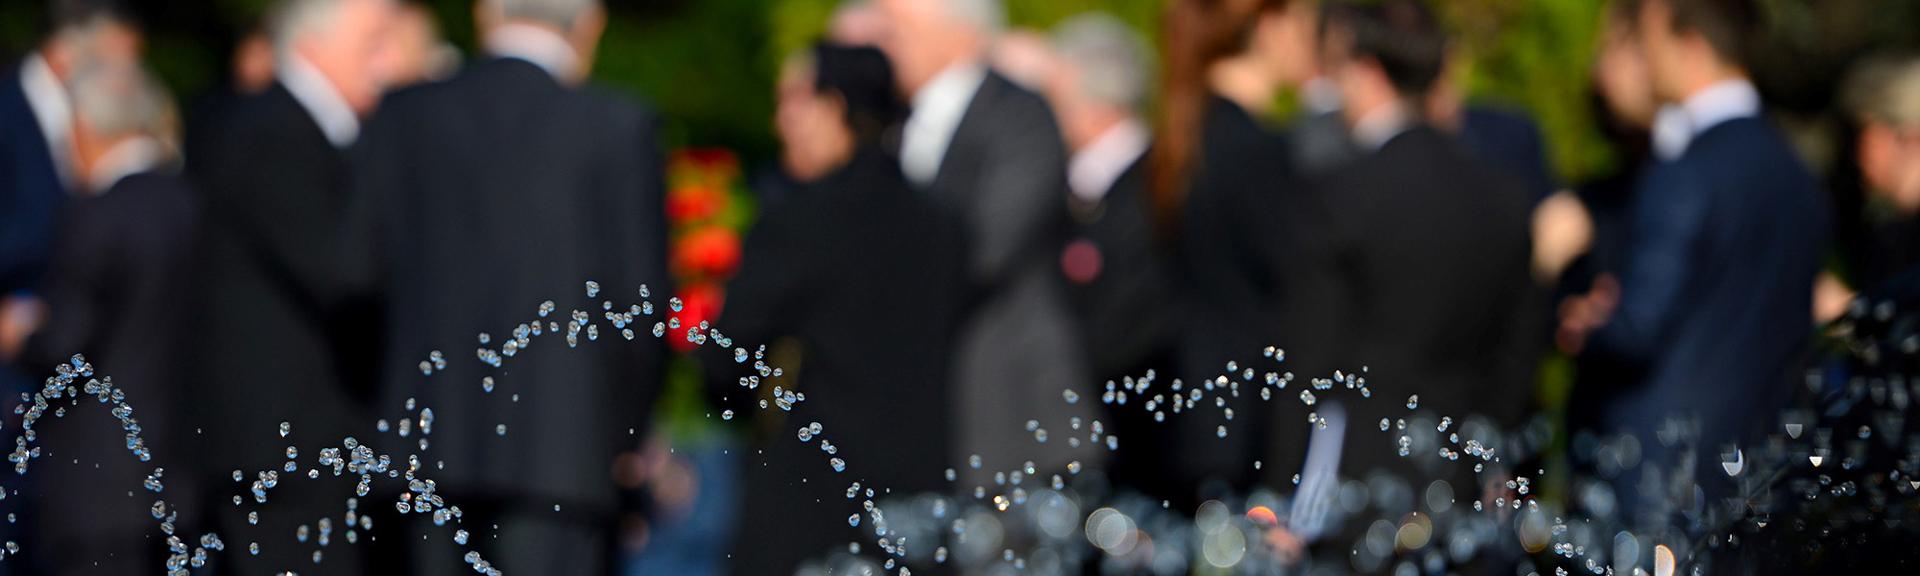 Vid dödsfall - Information för gäster vid begravning - Lund med omnejd - auktoriserade-begravningsbyraer-25